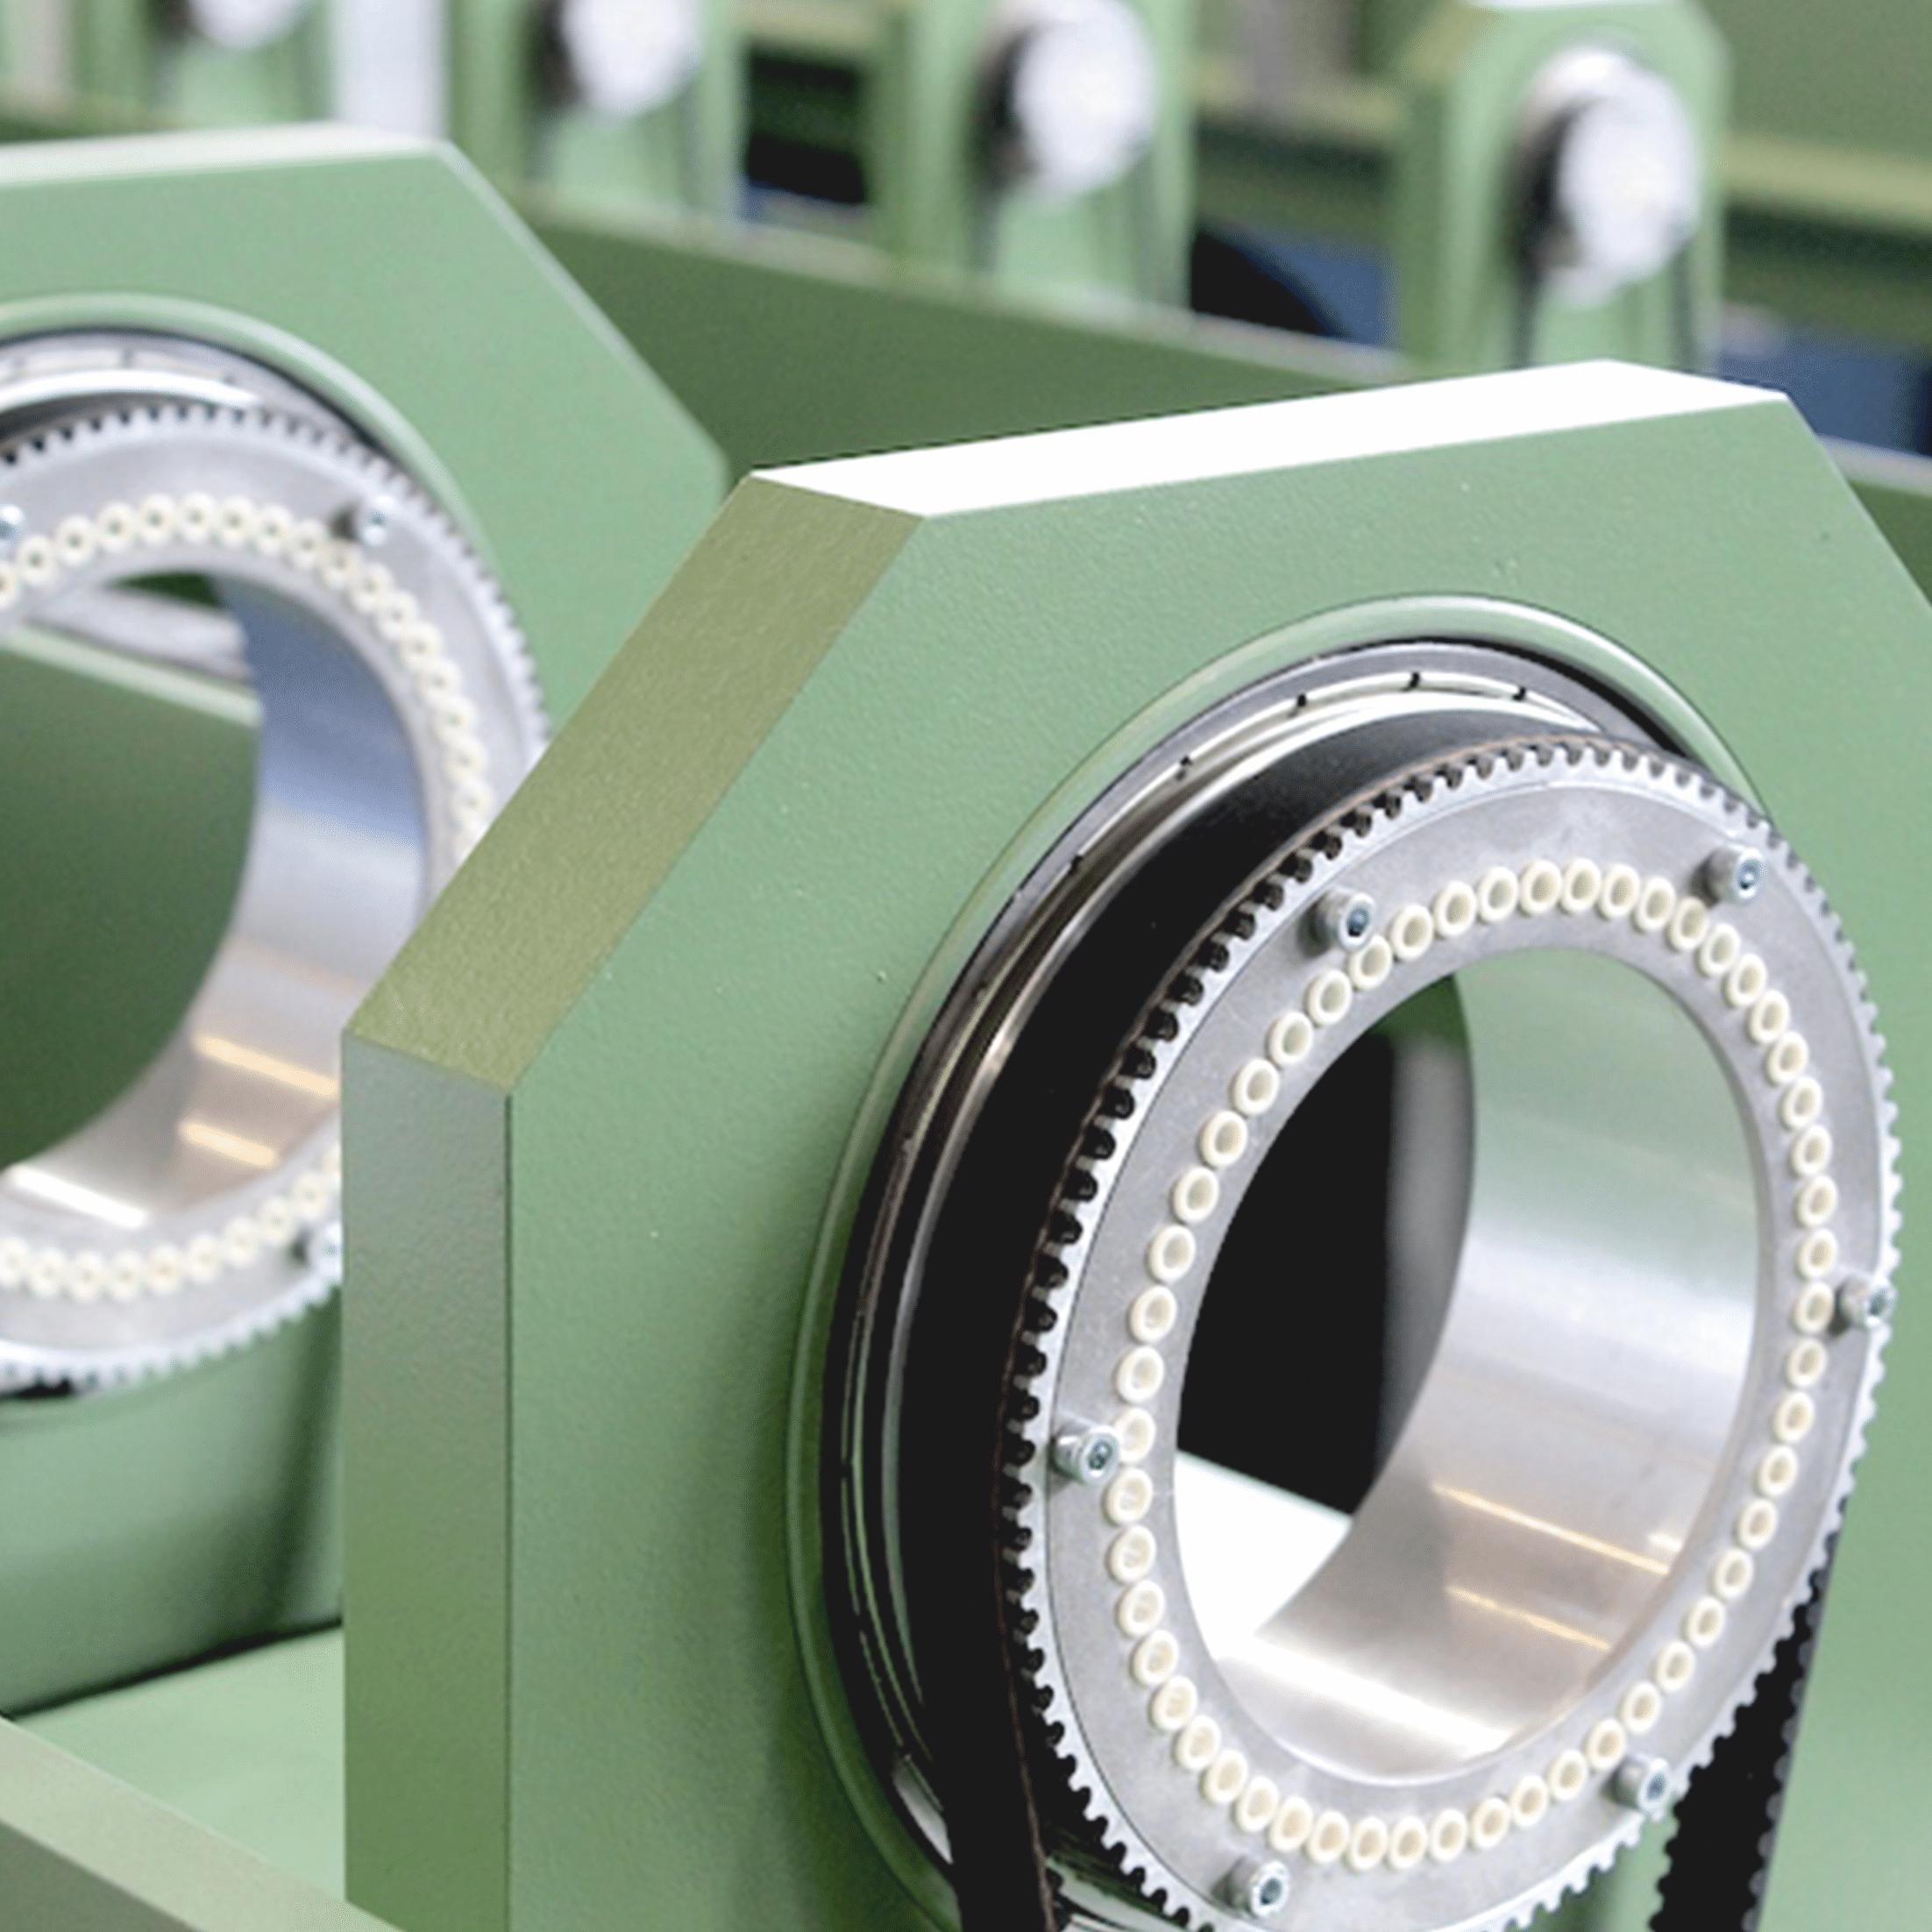 Detailansicht einer Speicherscheibe von einer SZ-130 Verseilmaschine mit Einzelantrieben für die Kabelschirmung